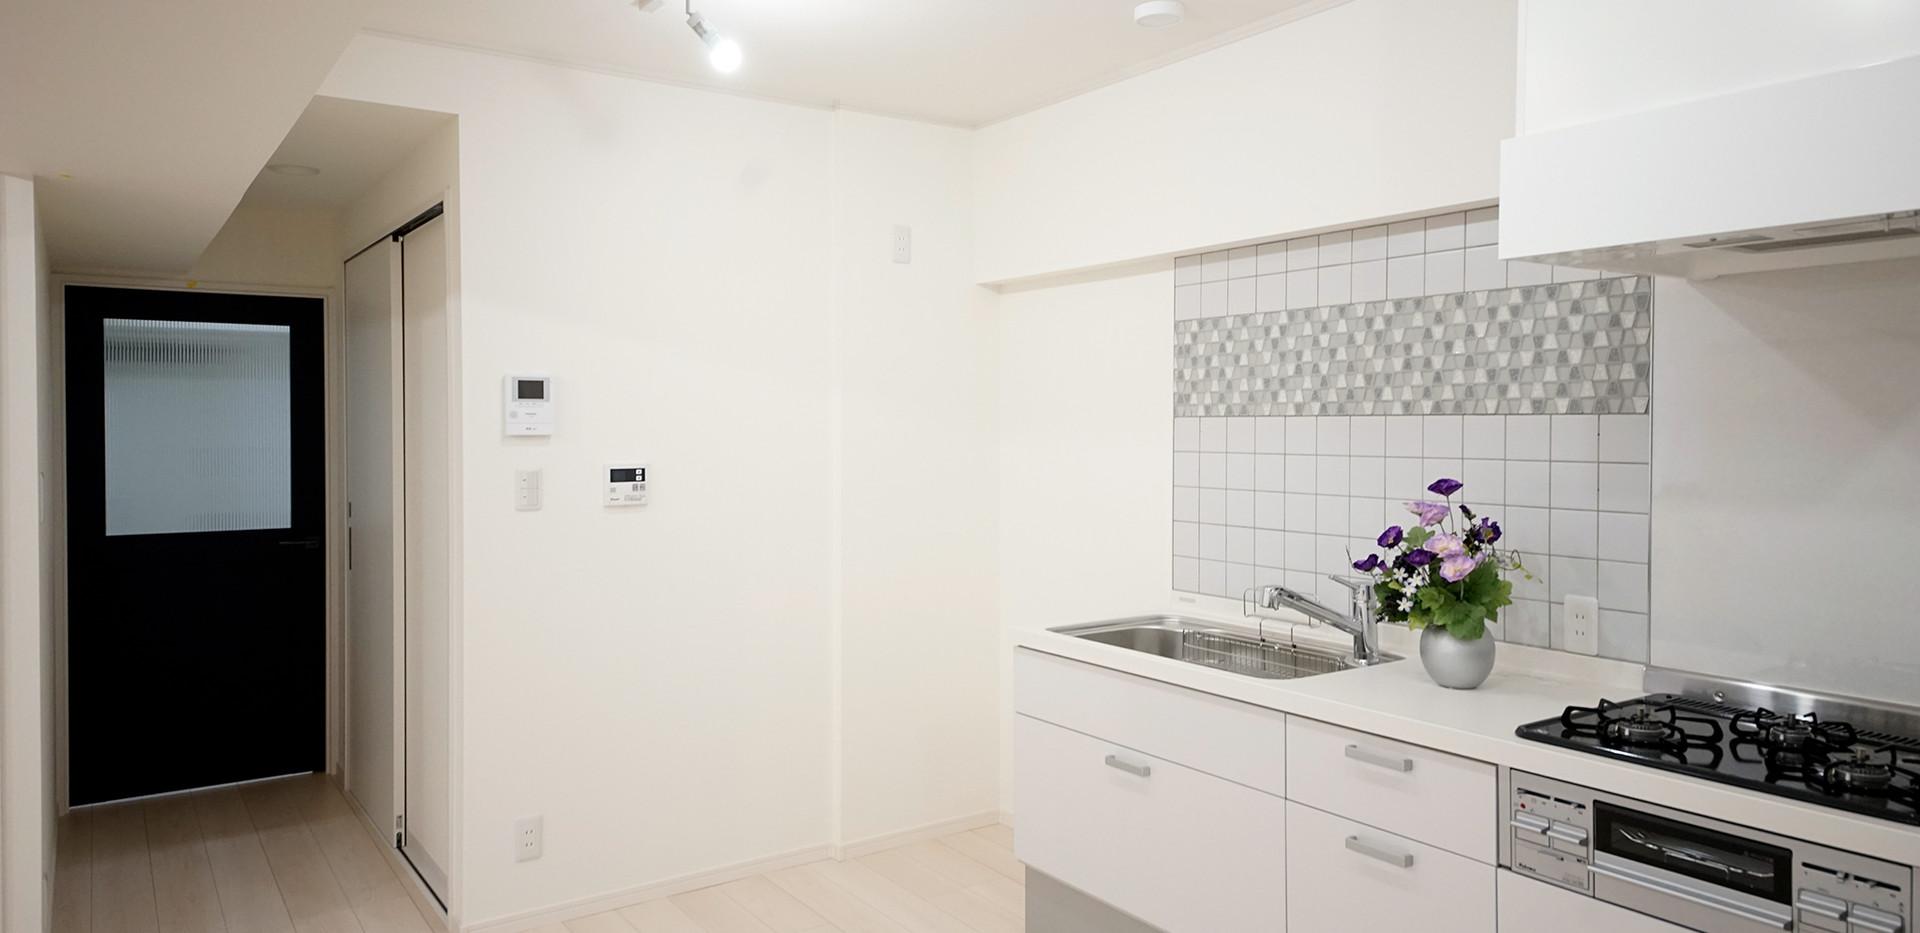 キッチンと青扉 (1).jpg